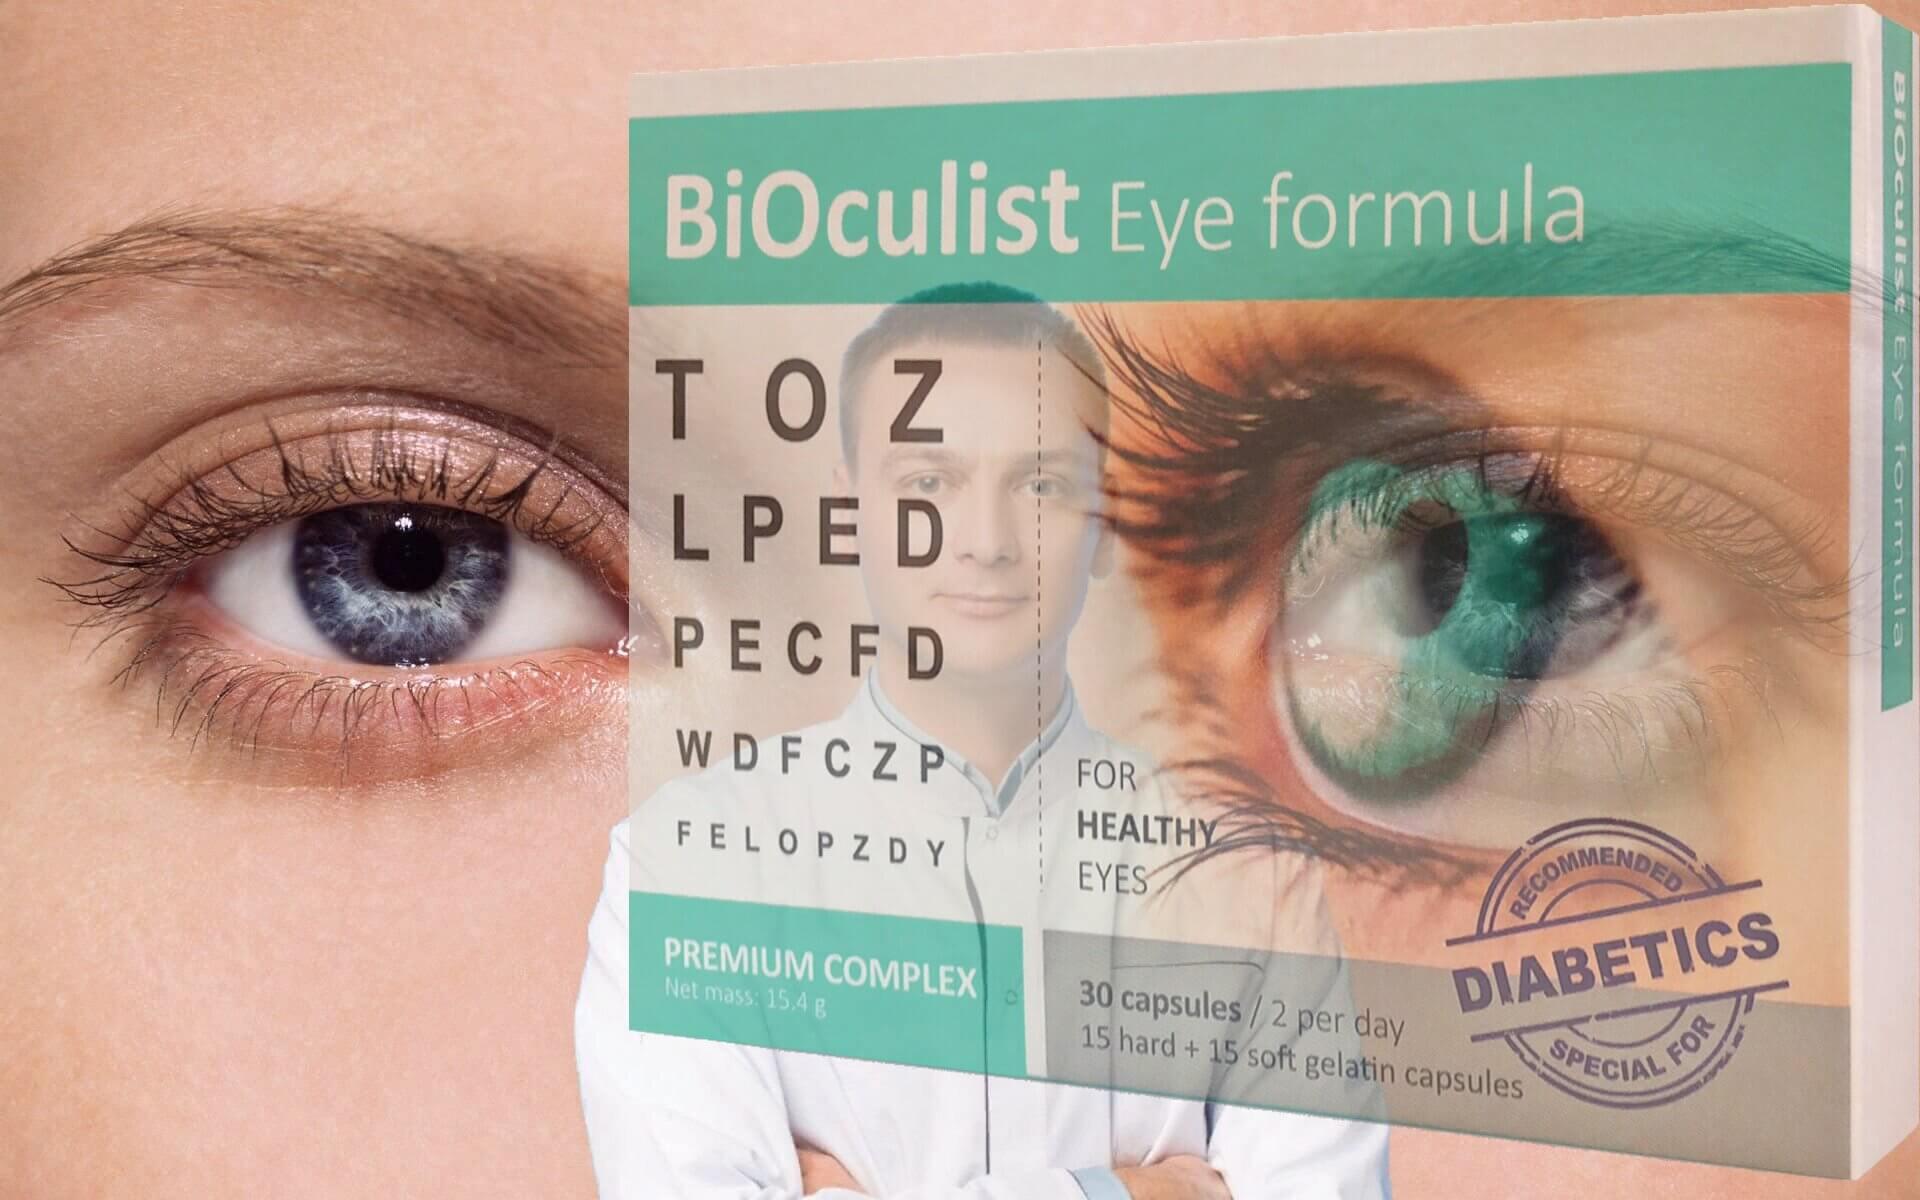 higany vízió melyik agyrész a látomás